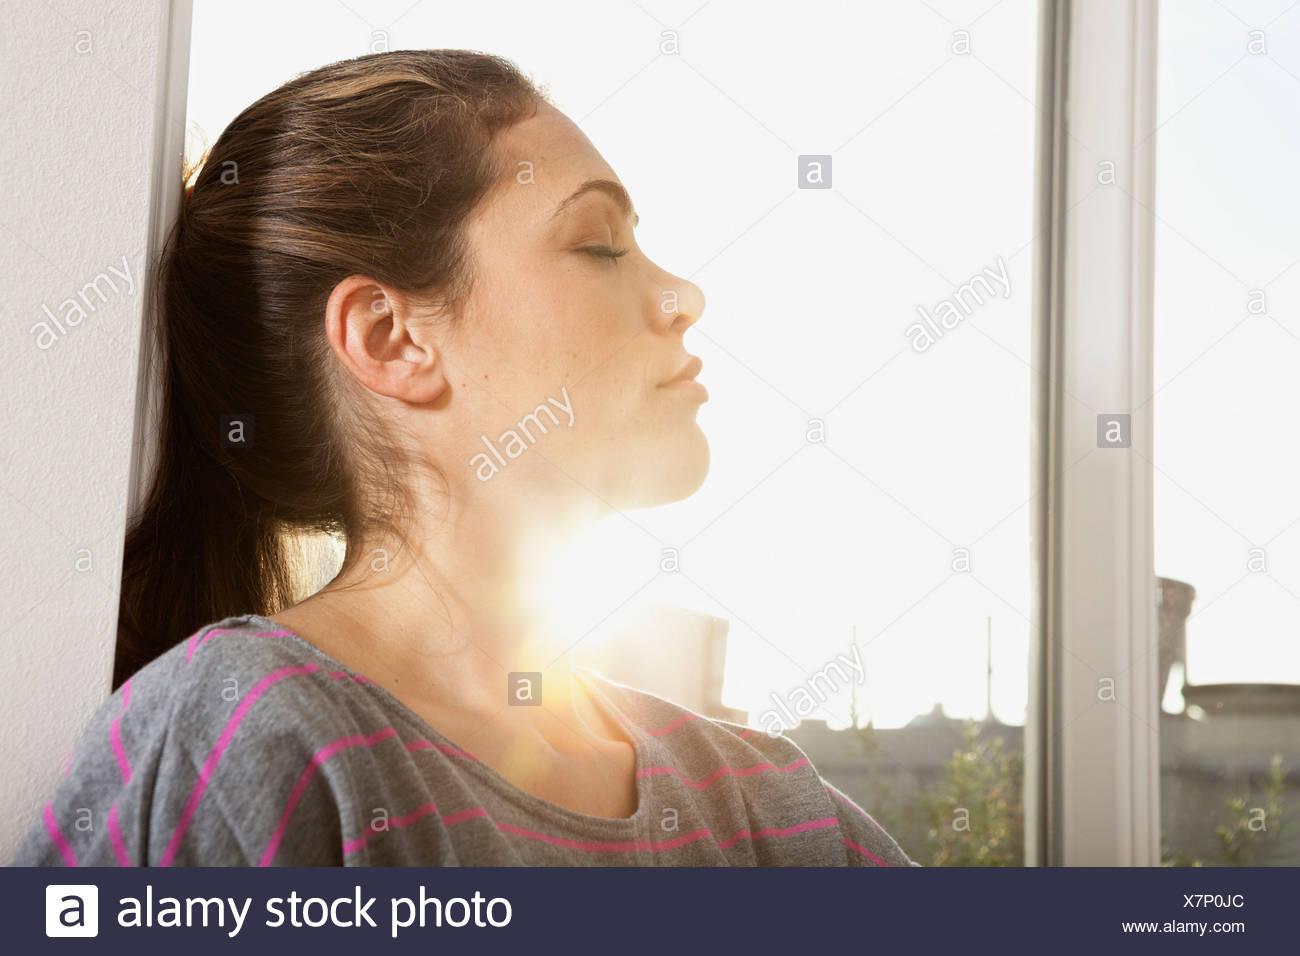 Ritratto di donna in piedi alla finestra aperta Immagini Stock